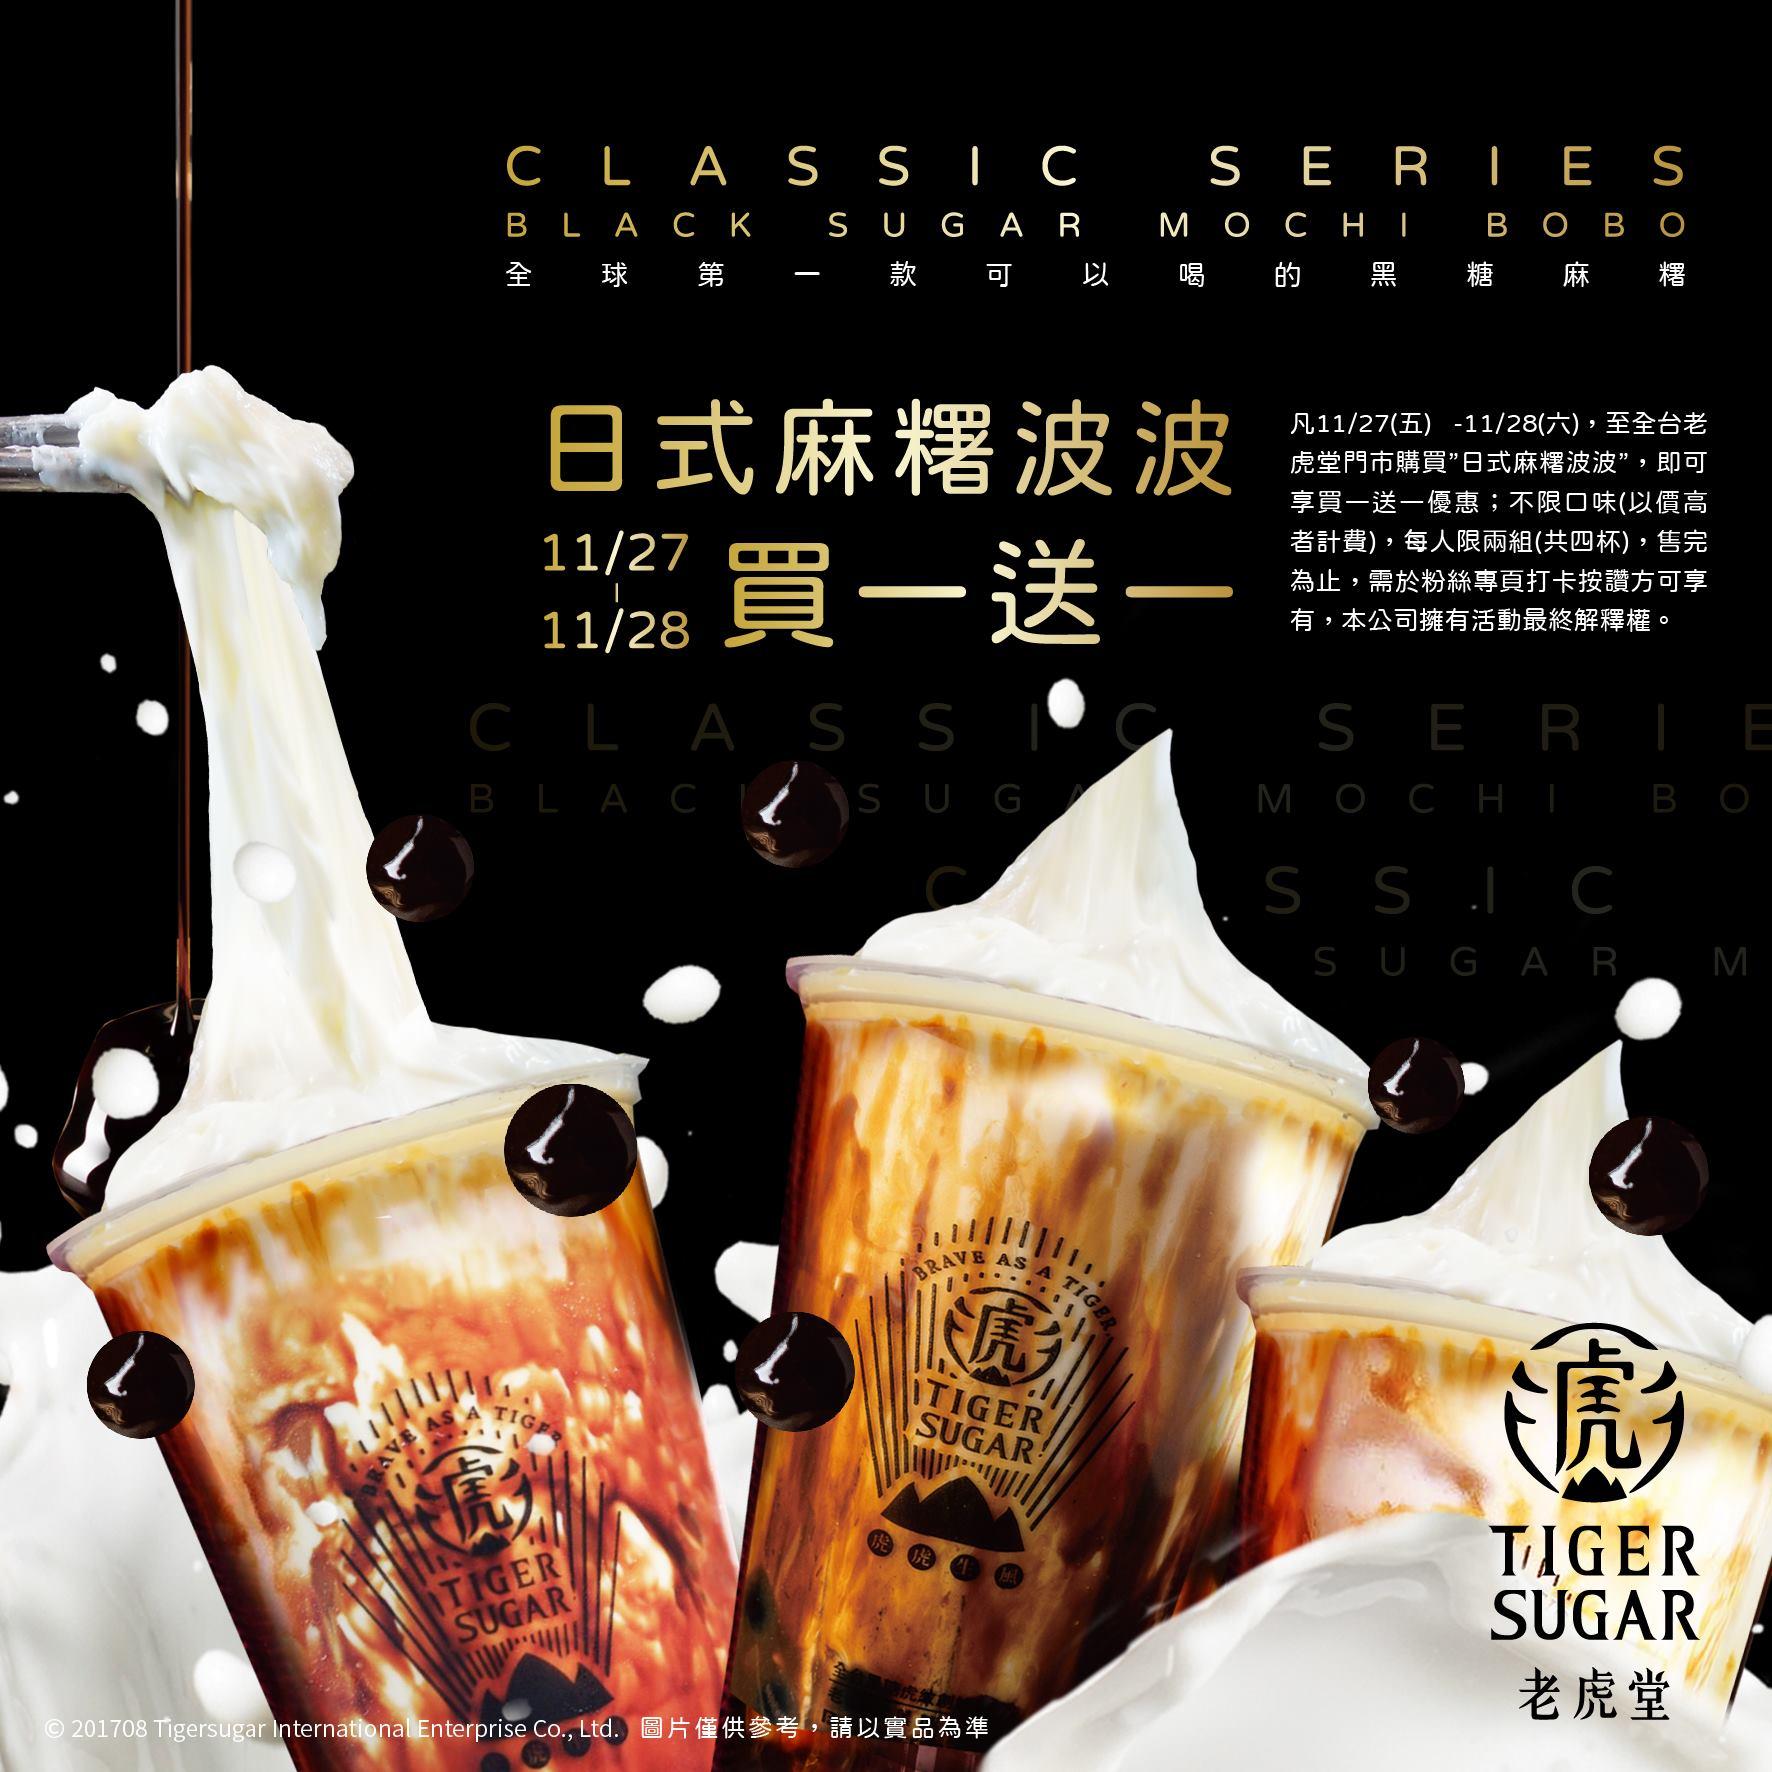 老虎堂Tigersugar》🔥11/27(五) -11/28(六) 限時2天🔥#日式麻糬波波#可以喝的麻糬